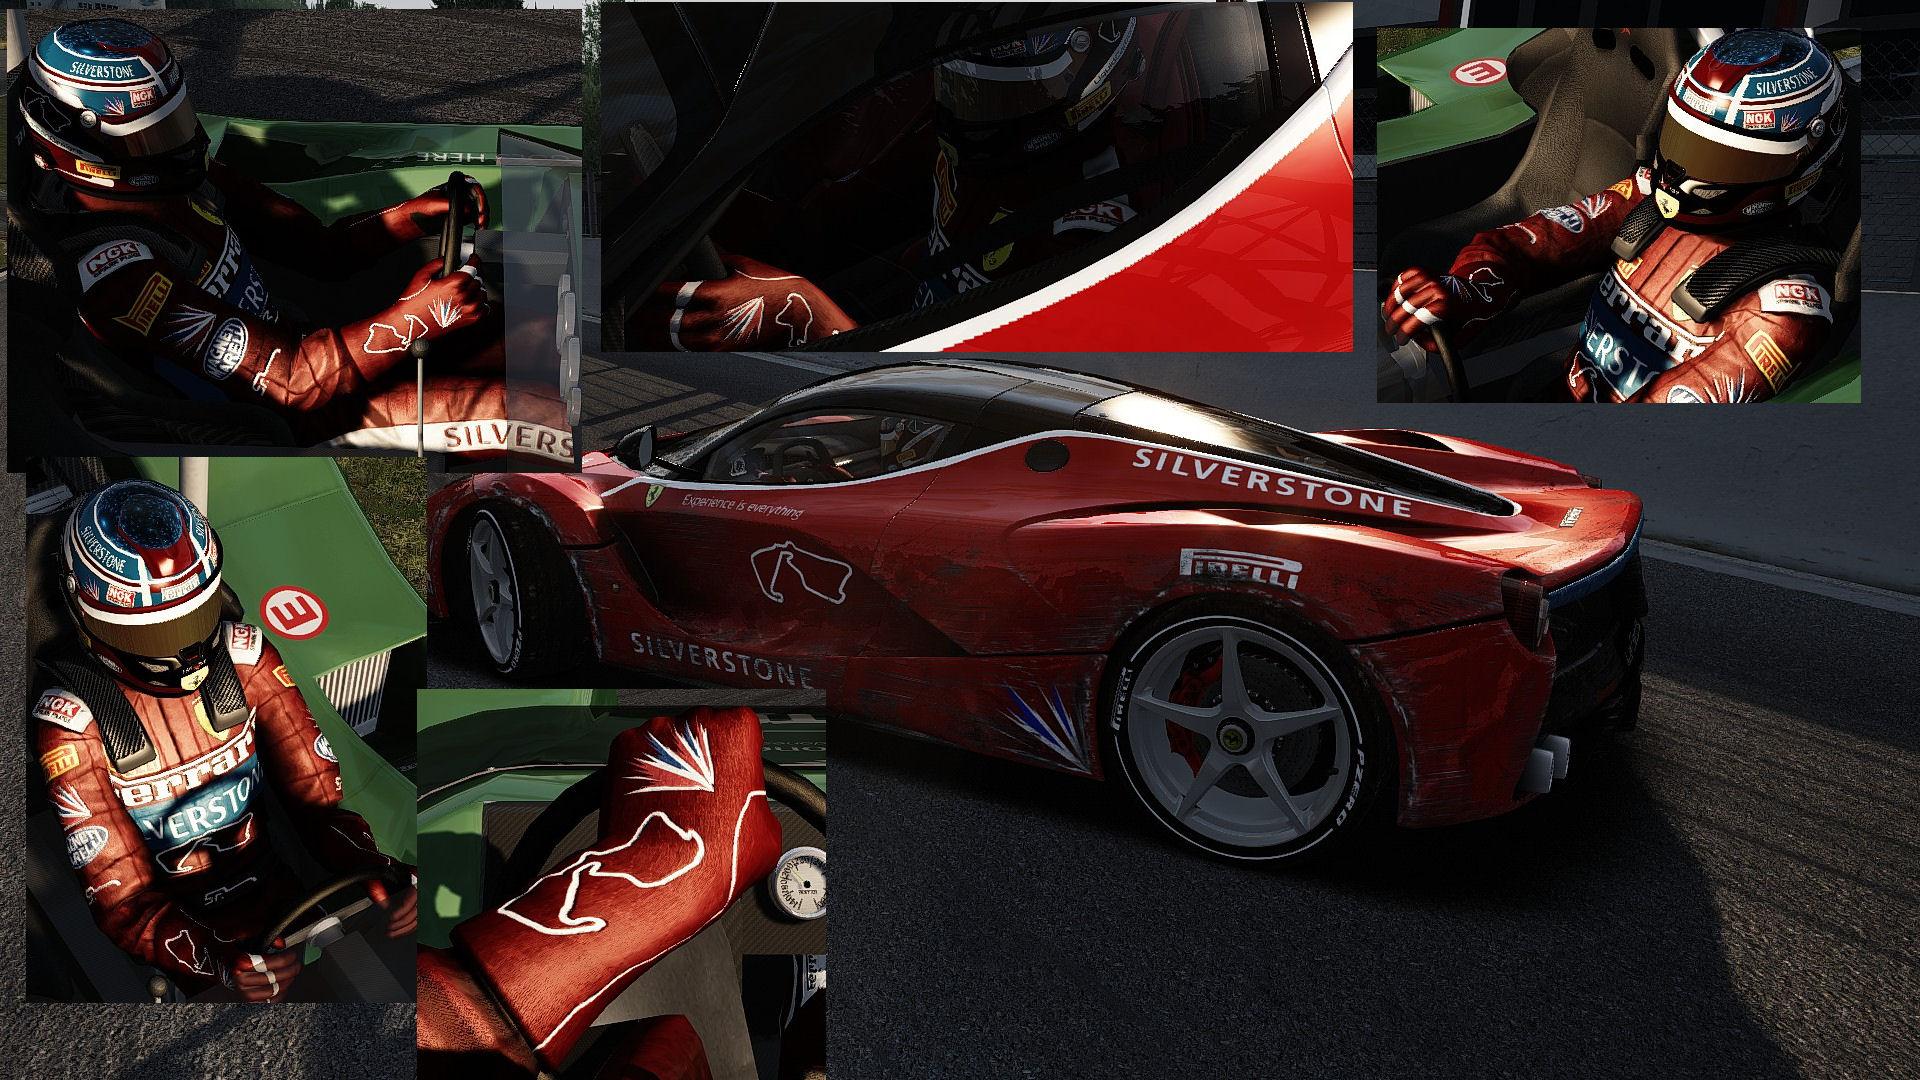 Silverstone LaFerrari